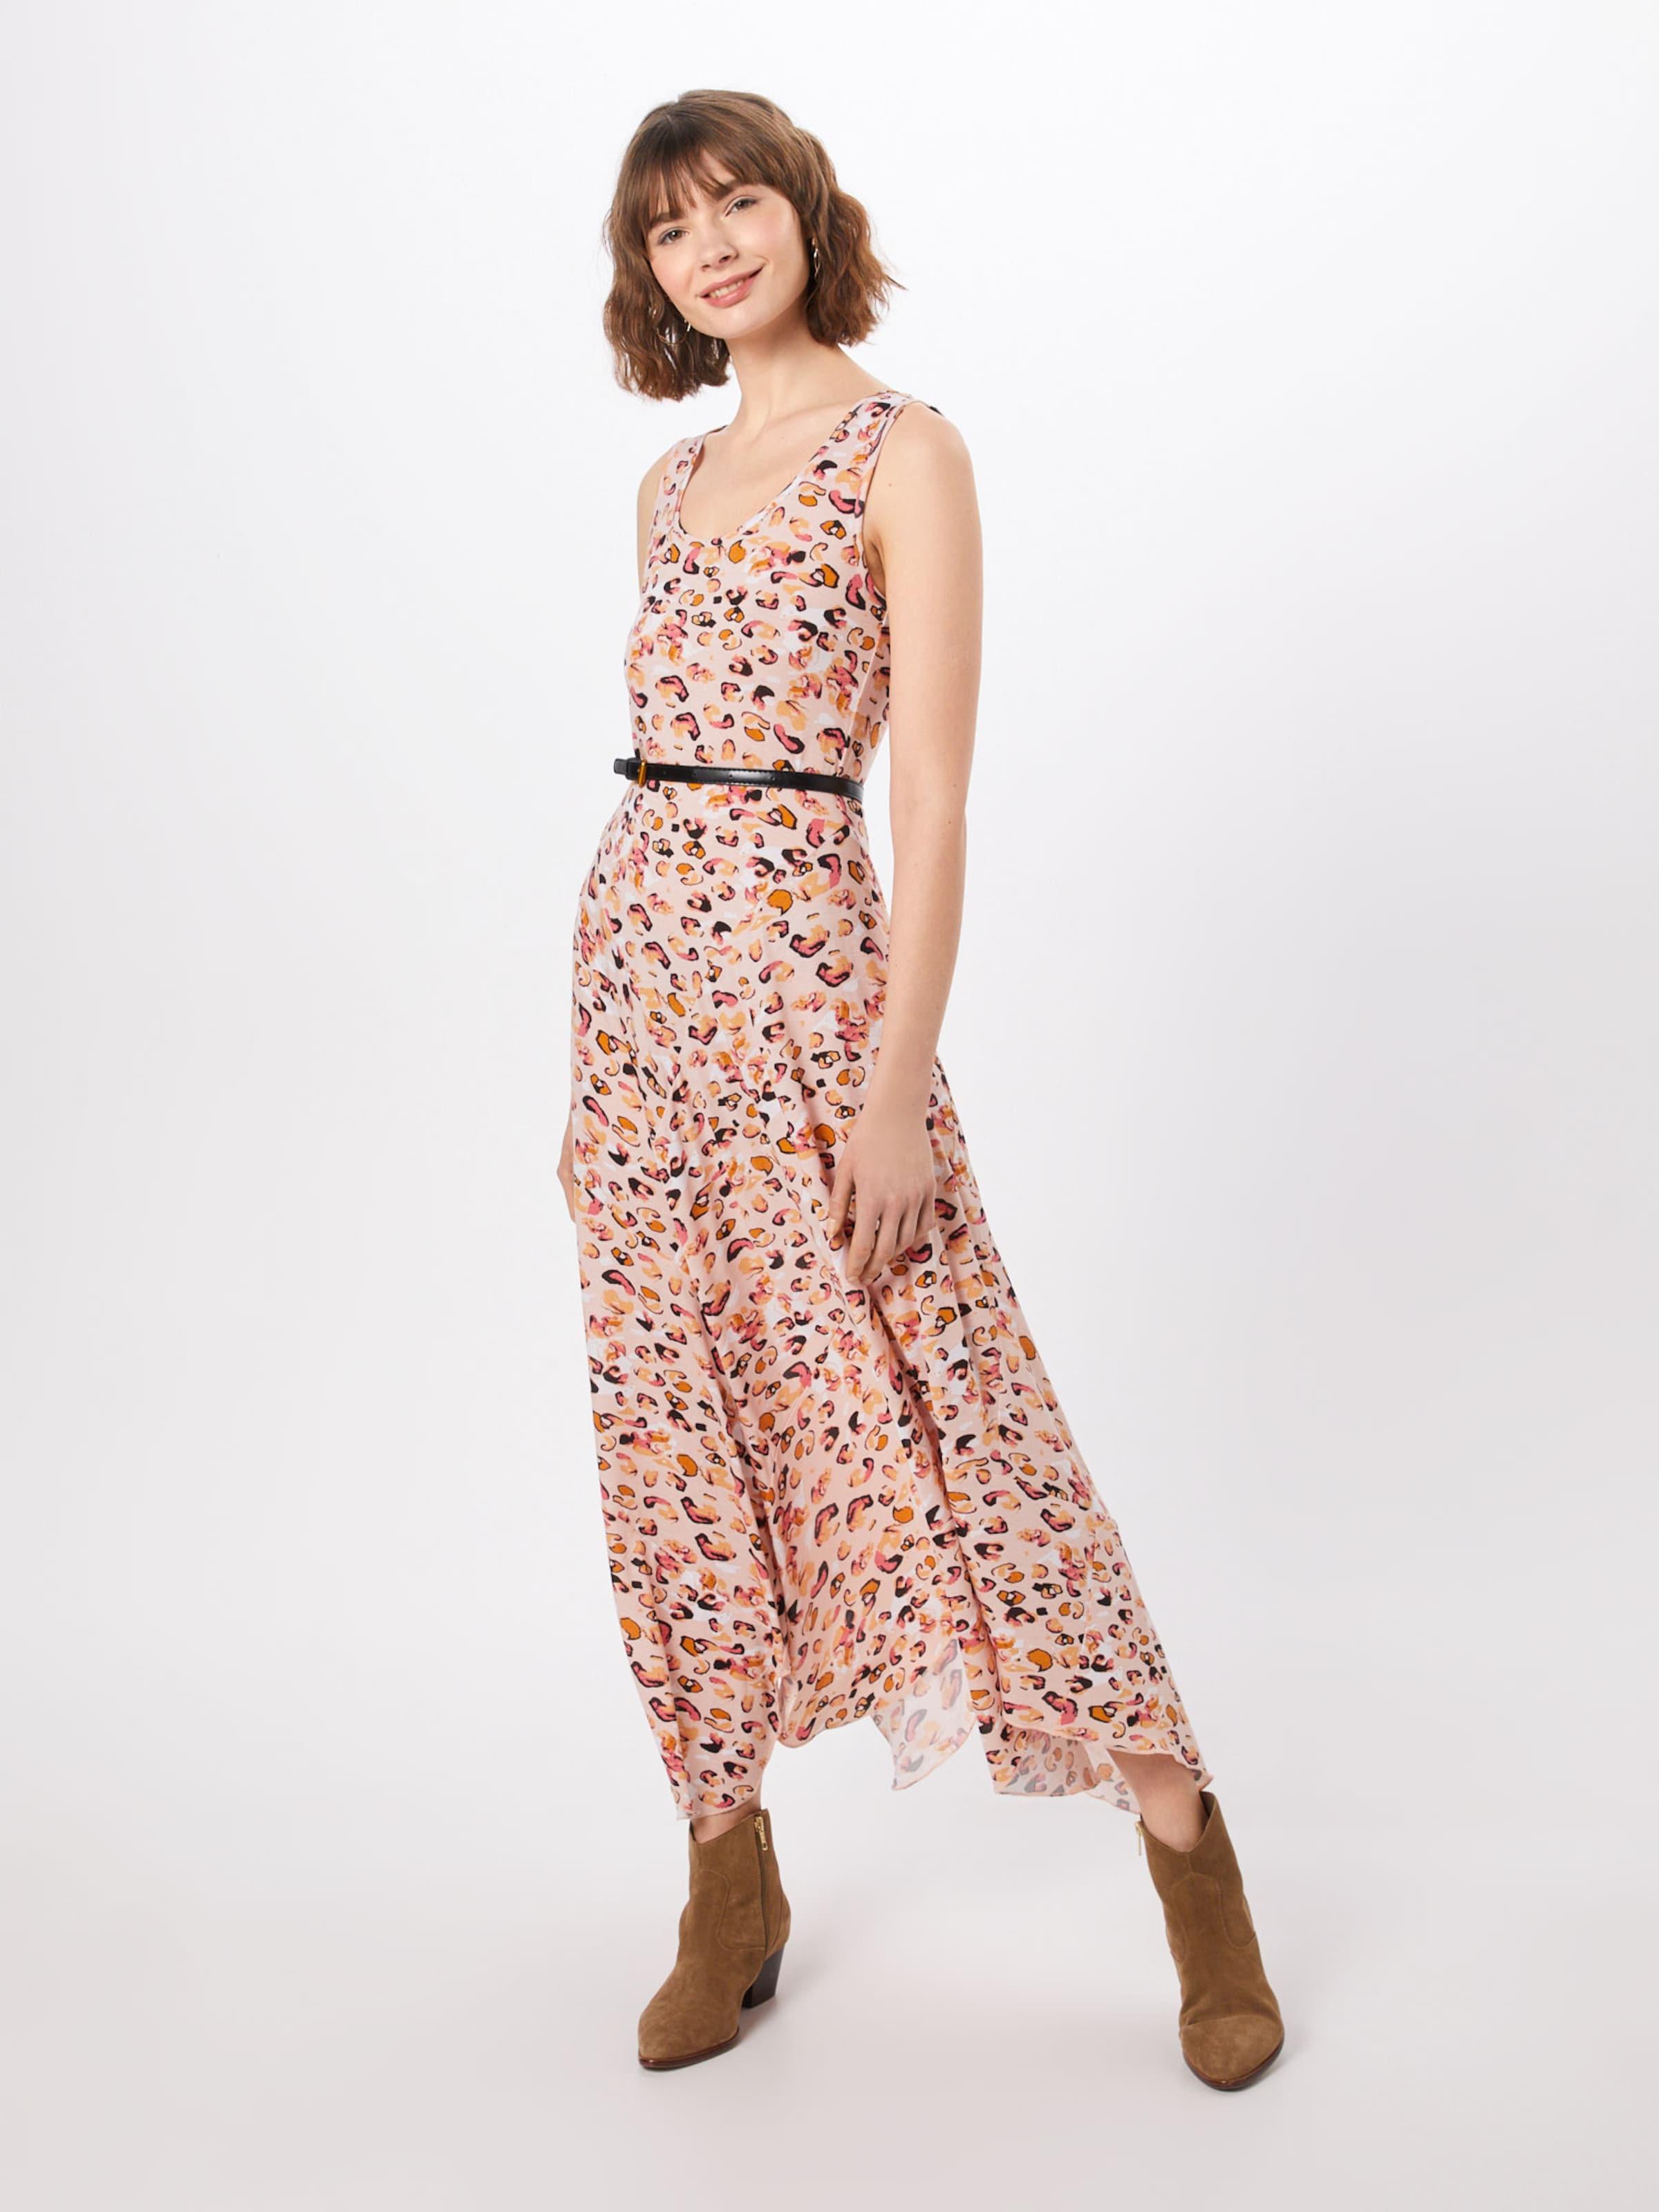 Kleid 'bastily' Kleid In Cream Cream Kleid 'bastily' In 'bastily' MischfarbenAltrosa MischfarbenAltrosa Cream vm0N8wn